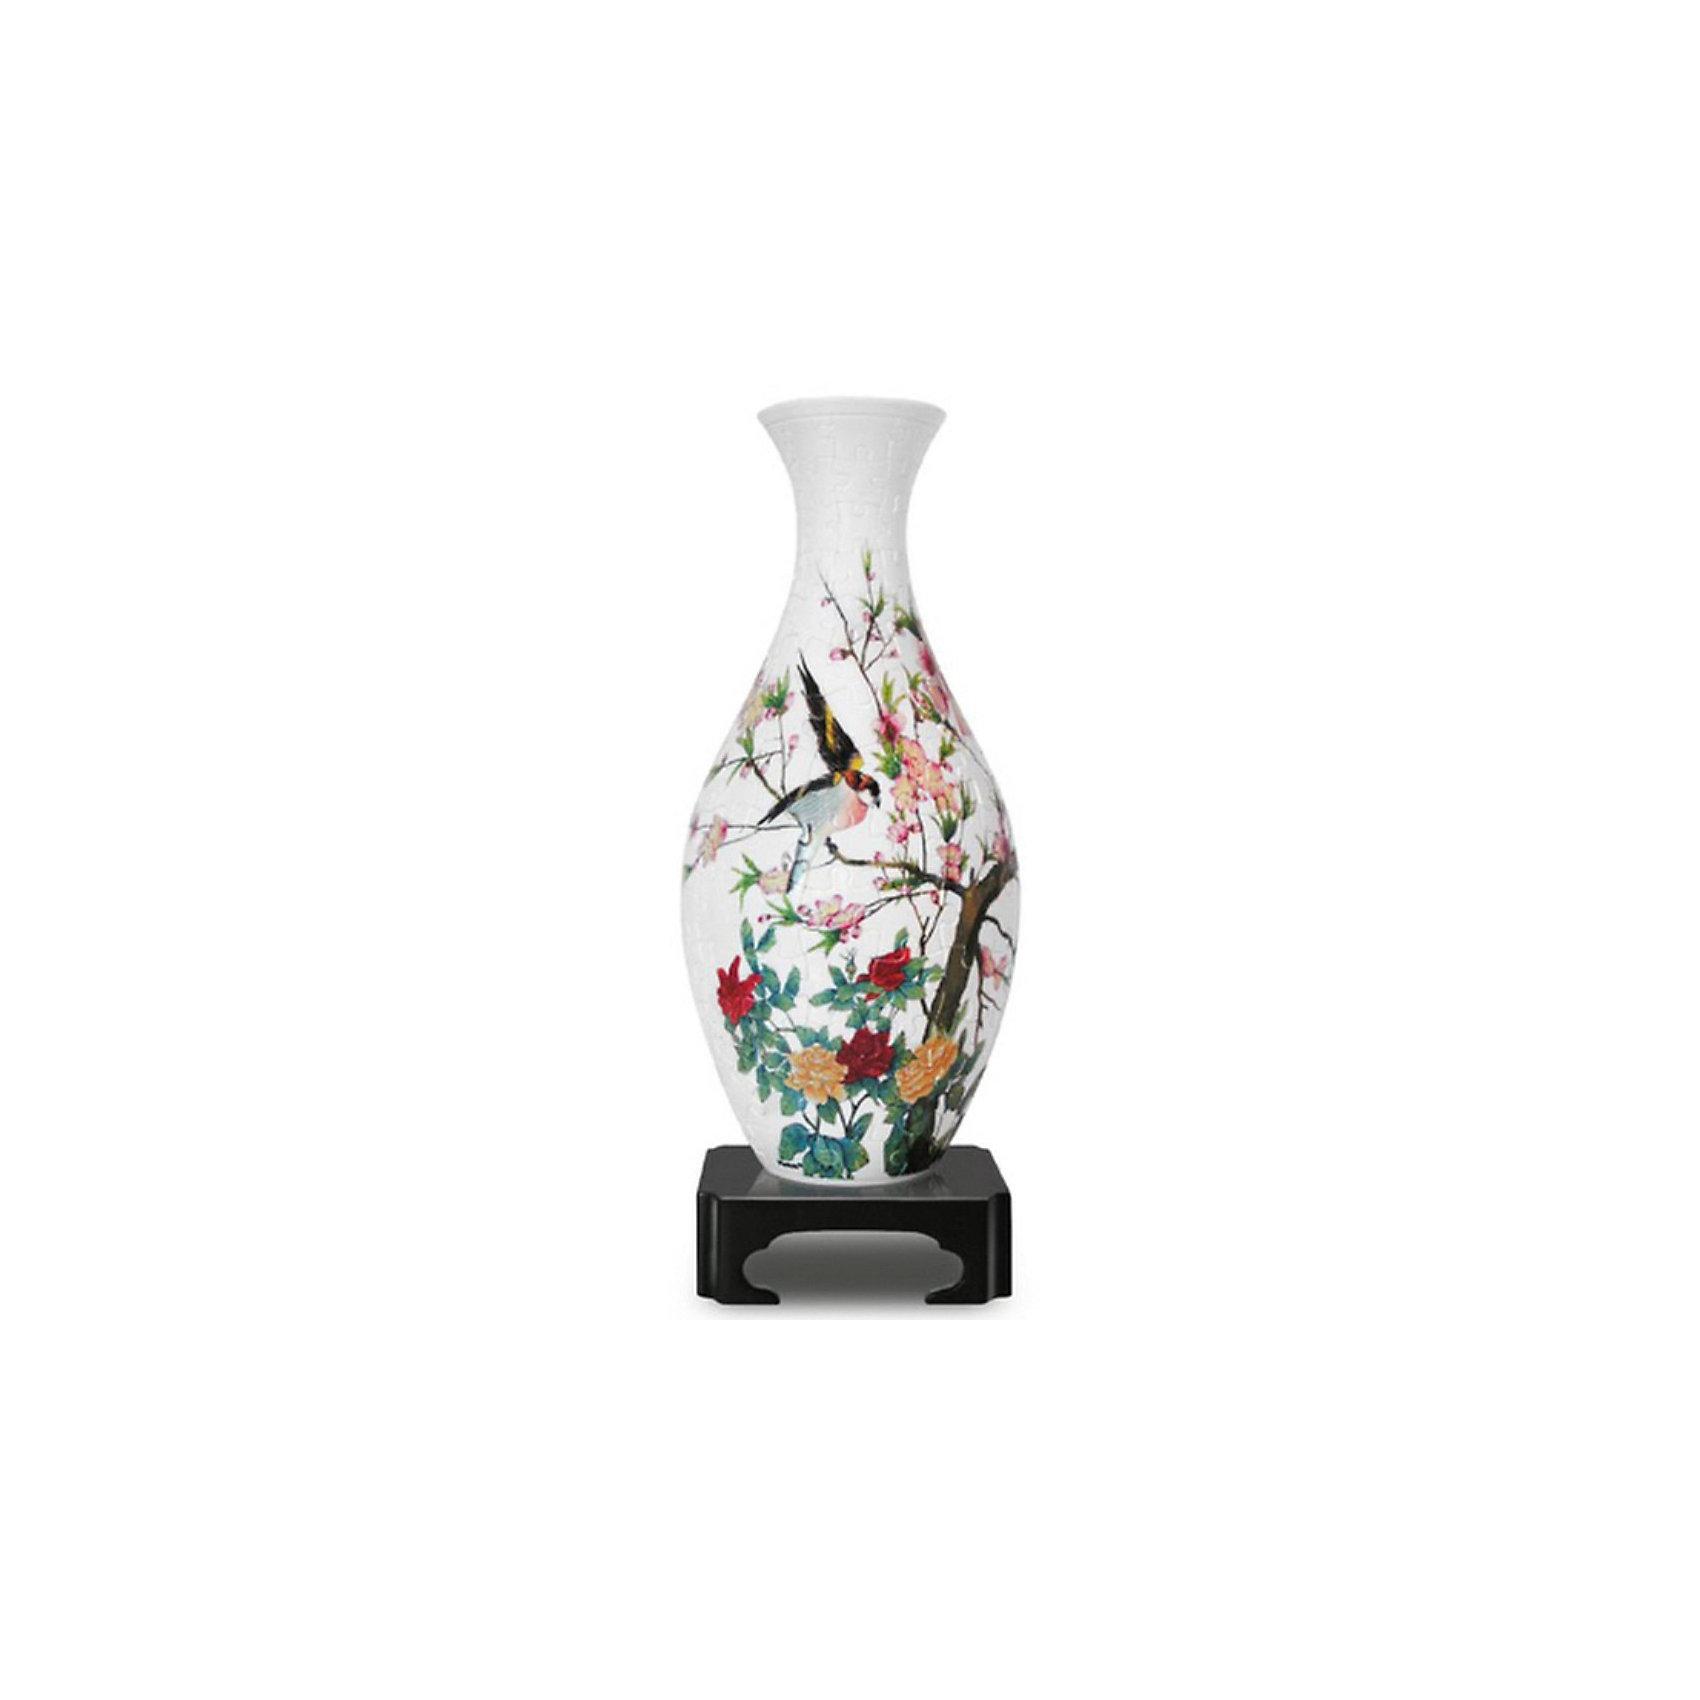 Пазл 3D  Вазы: Сакура, 160 деталей, Pintoo3D пазлы<br>3D пазл-сфера Ваза Сакура, Pintoo - это возможность сделать необычный подарок себе и близким - ваза из пазлов. <br><br>Детали изготовлены из прочного пластика, они плотно фиксируются одна с другой без клея и образуют прочную конструкцию. Внутрь вазы помещается колба и ...можно ставить в вазу живые цветы!<br><br>Дополнительная информация:<br><br>- В комплект входят: пазлы для создания вазы, внутренняя колба, подставка для вазы.<br>- Количество деталей: 160.<br>- Материал: высококачественный плотный пластик<br>-Упаковка: цветная коробка из плотного картона с изображением собранного пазла.<br>-  Размер вазы: с подставкой 27х11х11 см, без подставки 24х11х11 см.<br><br>3D пазл-сферу Ваза Сакура, Pintoo можно купить в нашем интернет-магазине.<br><br>Ширина мм: 110<br>Глубина мм: 300<br>Высота мм: 110<br>Вес г: 400<br>Возраст от месяцев: 72<br>Возраст до месяцев: 1200<br>Пол: Унисекс<br>Возраст: Детский<br>Количество деталей: 160<br>SKU: 3322275